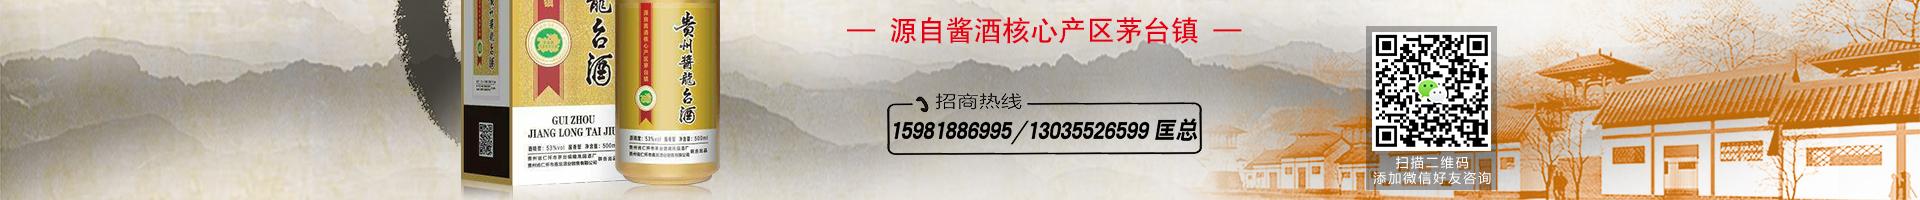 贵州省仁怀市鑫龙酒业销售有限公司